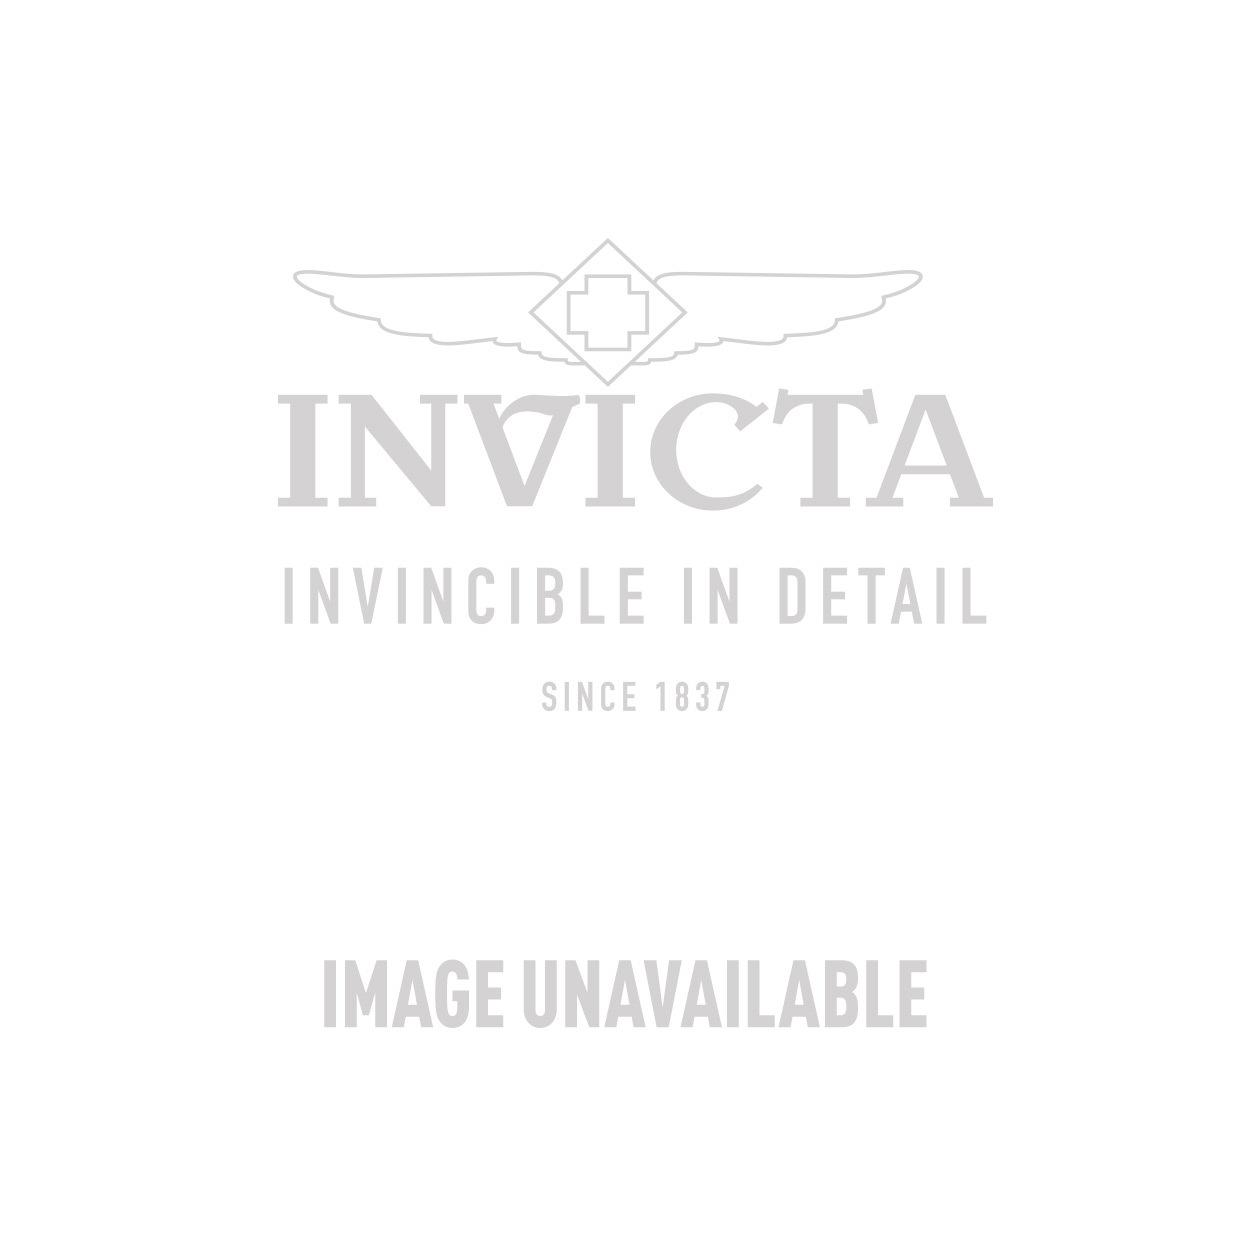 Invicta Model 24867